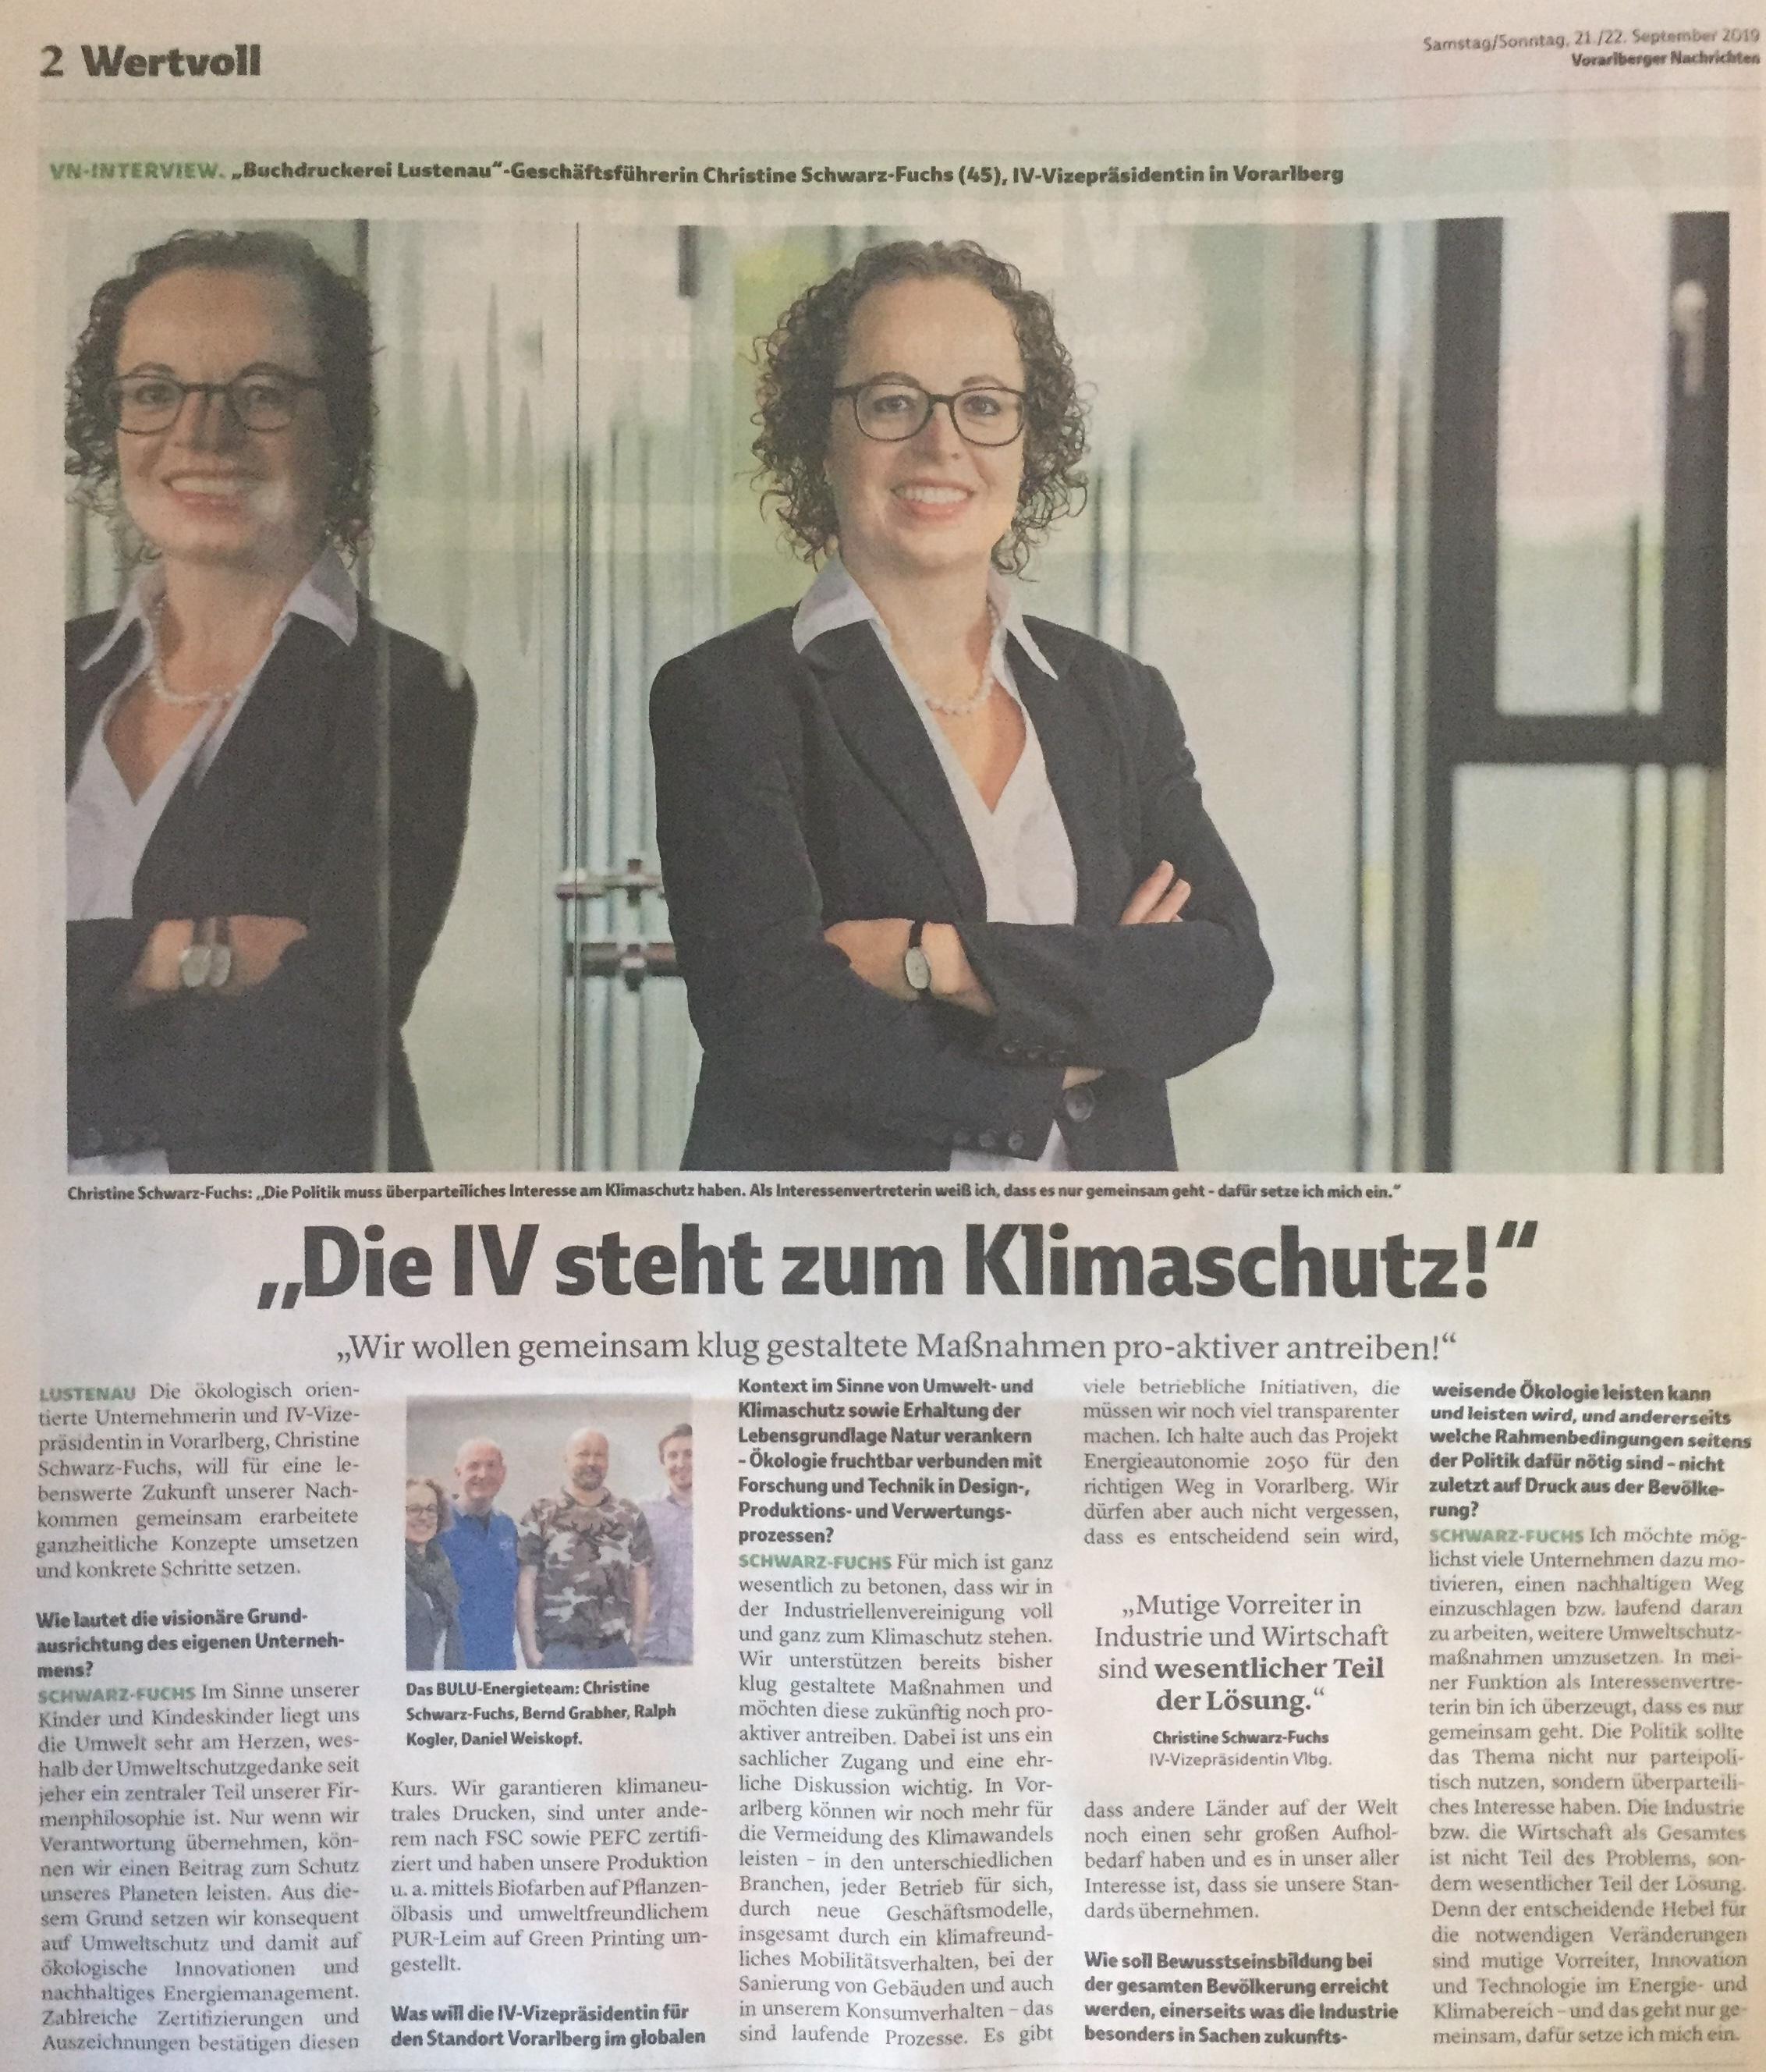 """Christine Schwarz-Fuchs GF www.bulu.at Vizepräsidentin der Industriellenvereinigung Vorarlberg, """"Die IV steht zum Klimaschutz!"""", Extra-Ausgabe """"Wertvoll"""" der Vorarlberger Nachrichten von Verena Daum www.progression.at www.garden-eden.org"""